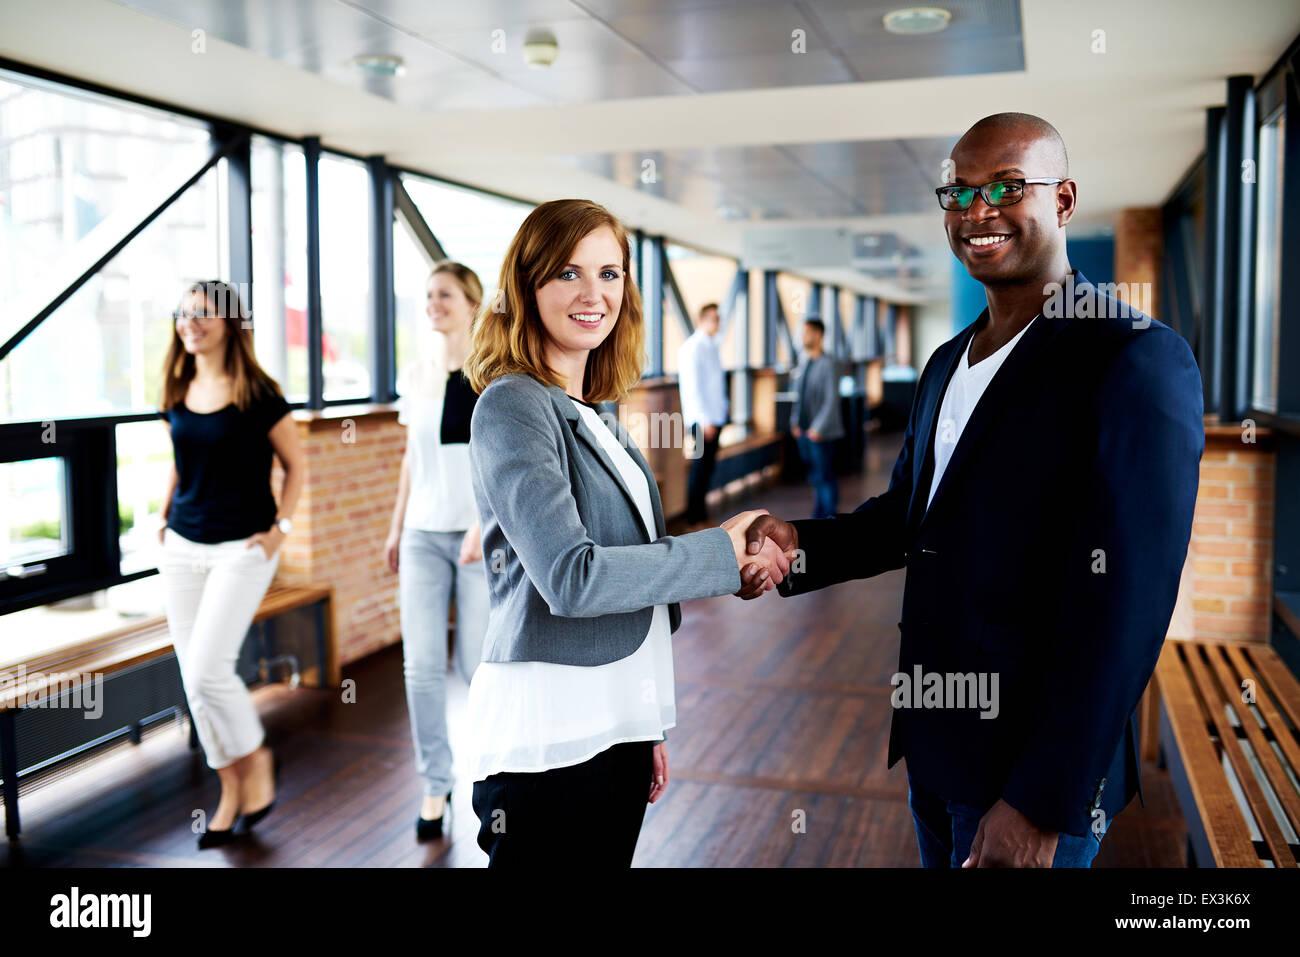 Femelle blanc et noir exécutif exécutif masculin se serrer la main dans le couloir et smiling at camera Photo Stock